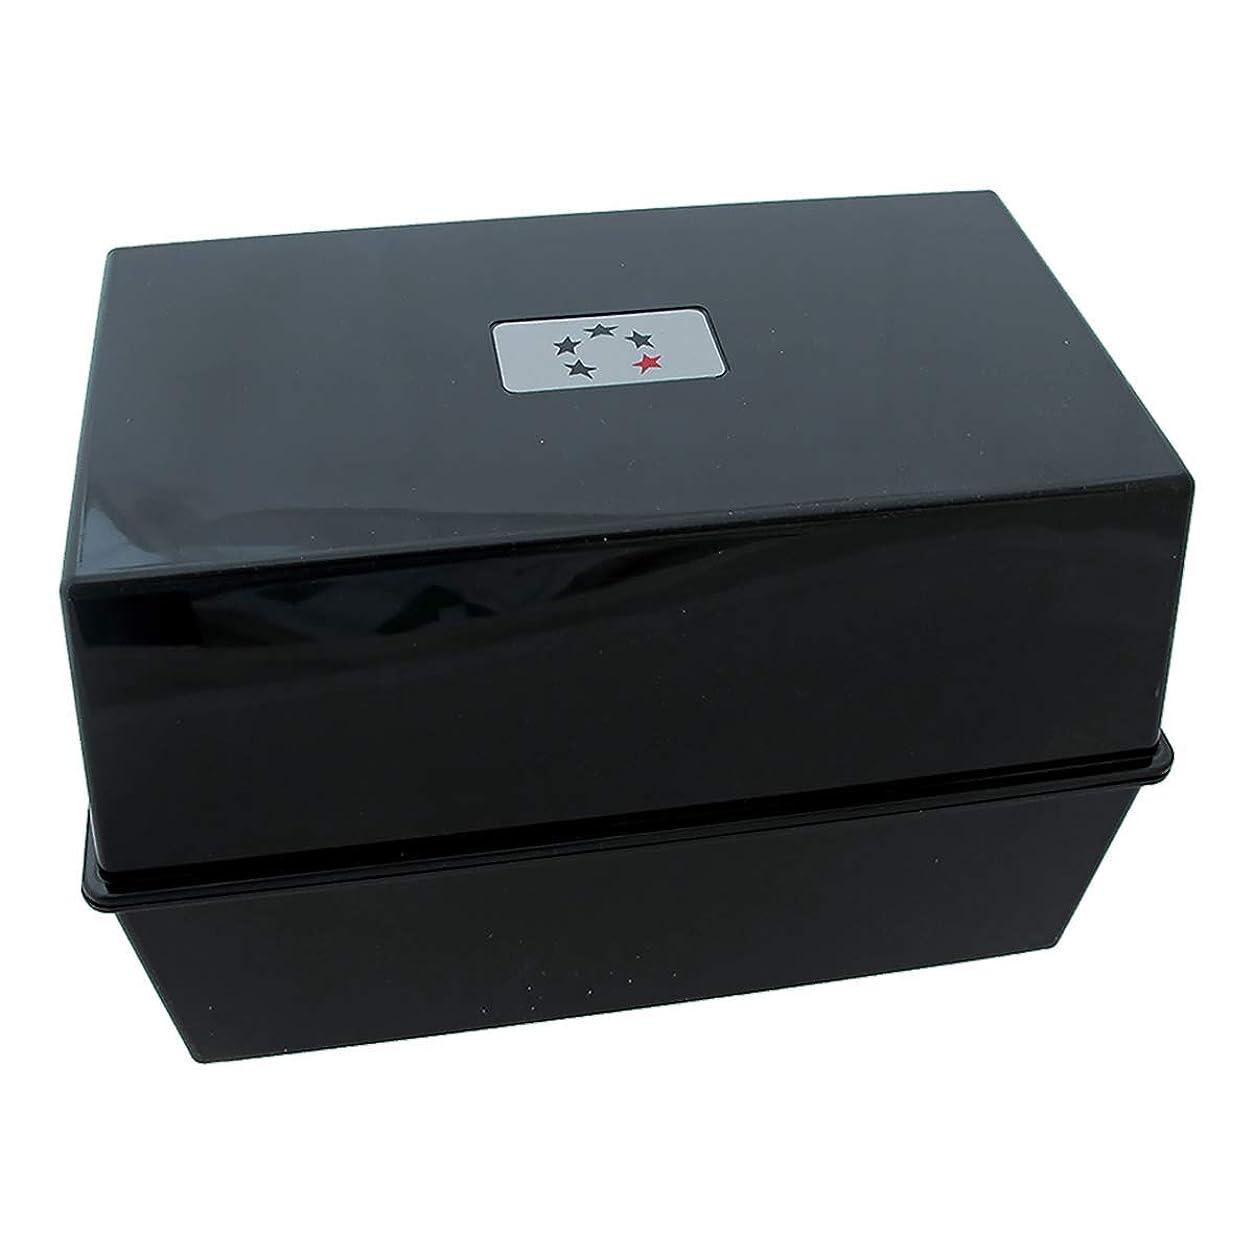 吐き出す人工的な縁石アジェンダ サロンコンセプト カードインデックスボックスブラック(A-Zカード含む)[海外直送品] [並行輸入品]